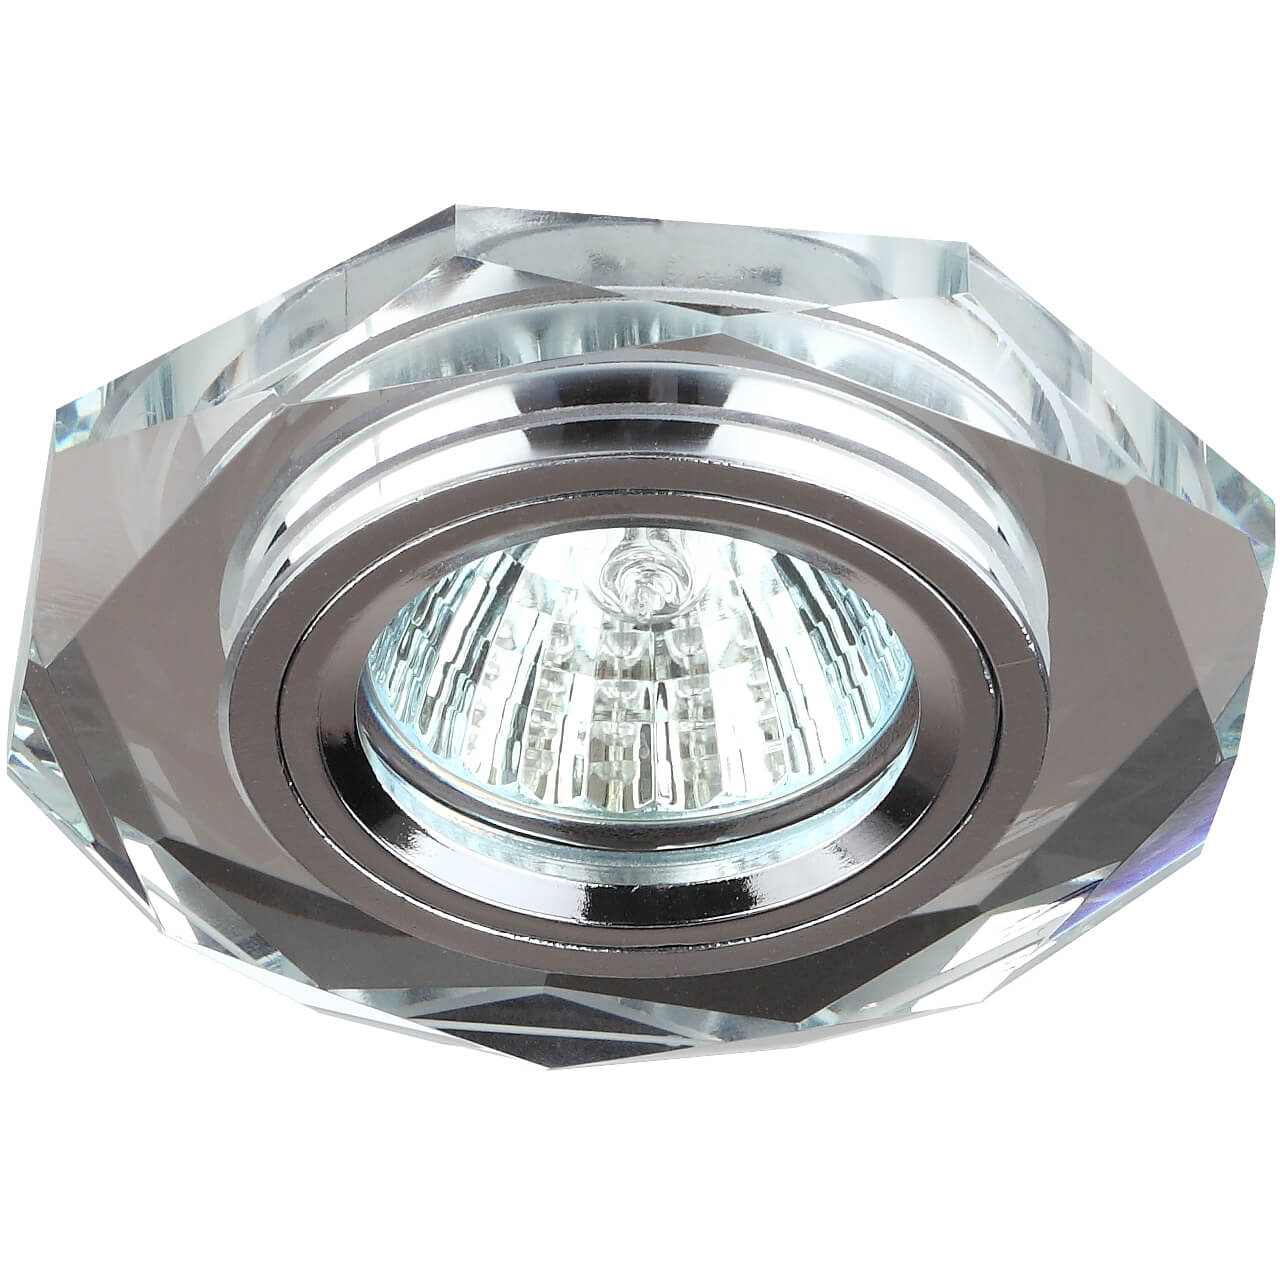 цена на Встраиваемый светильник ЭРА Декор DK5 СH/SL